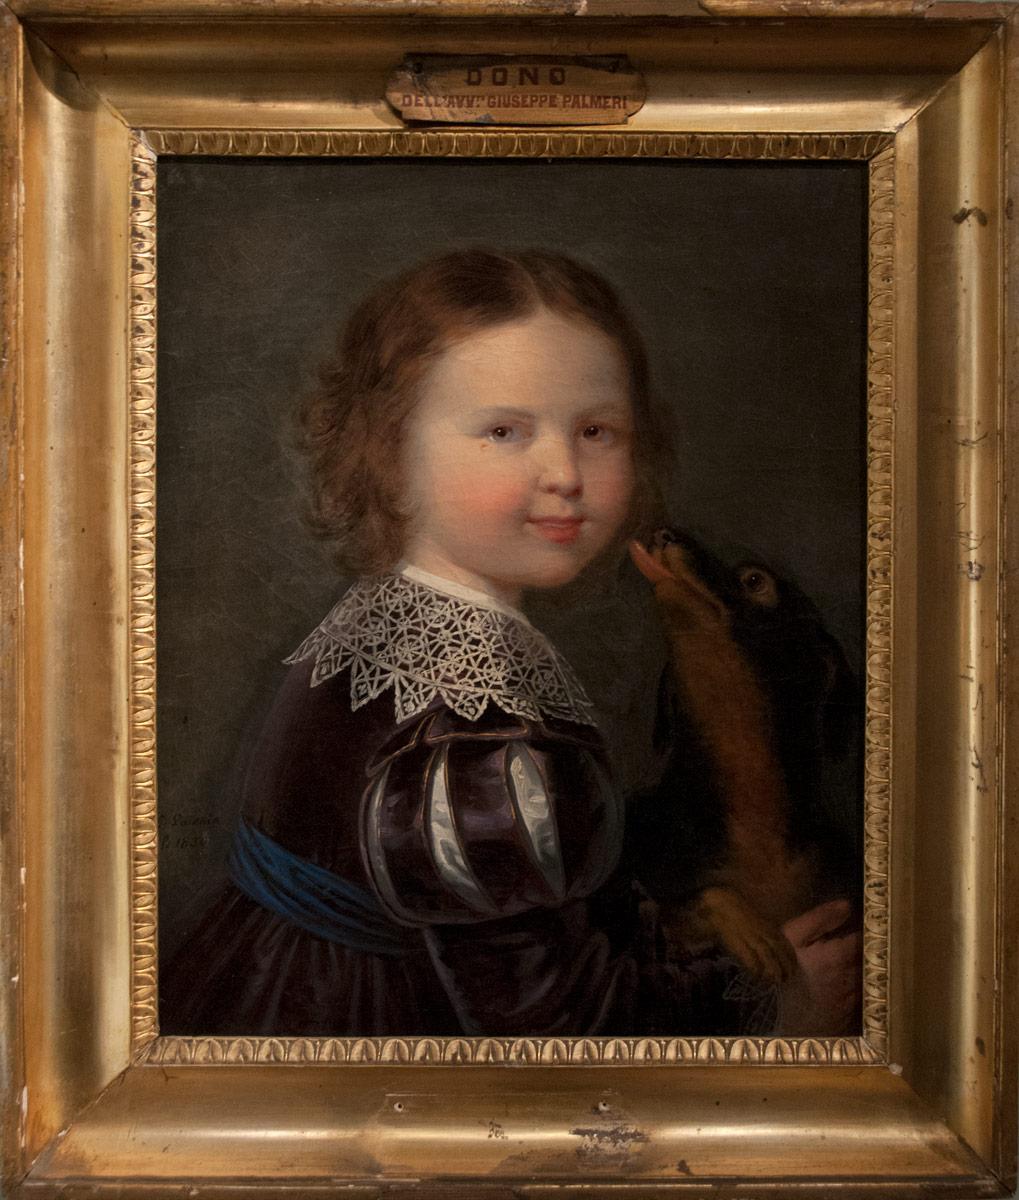 Giuseppe Patania - Ritratto di fanciullo con cane